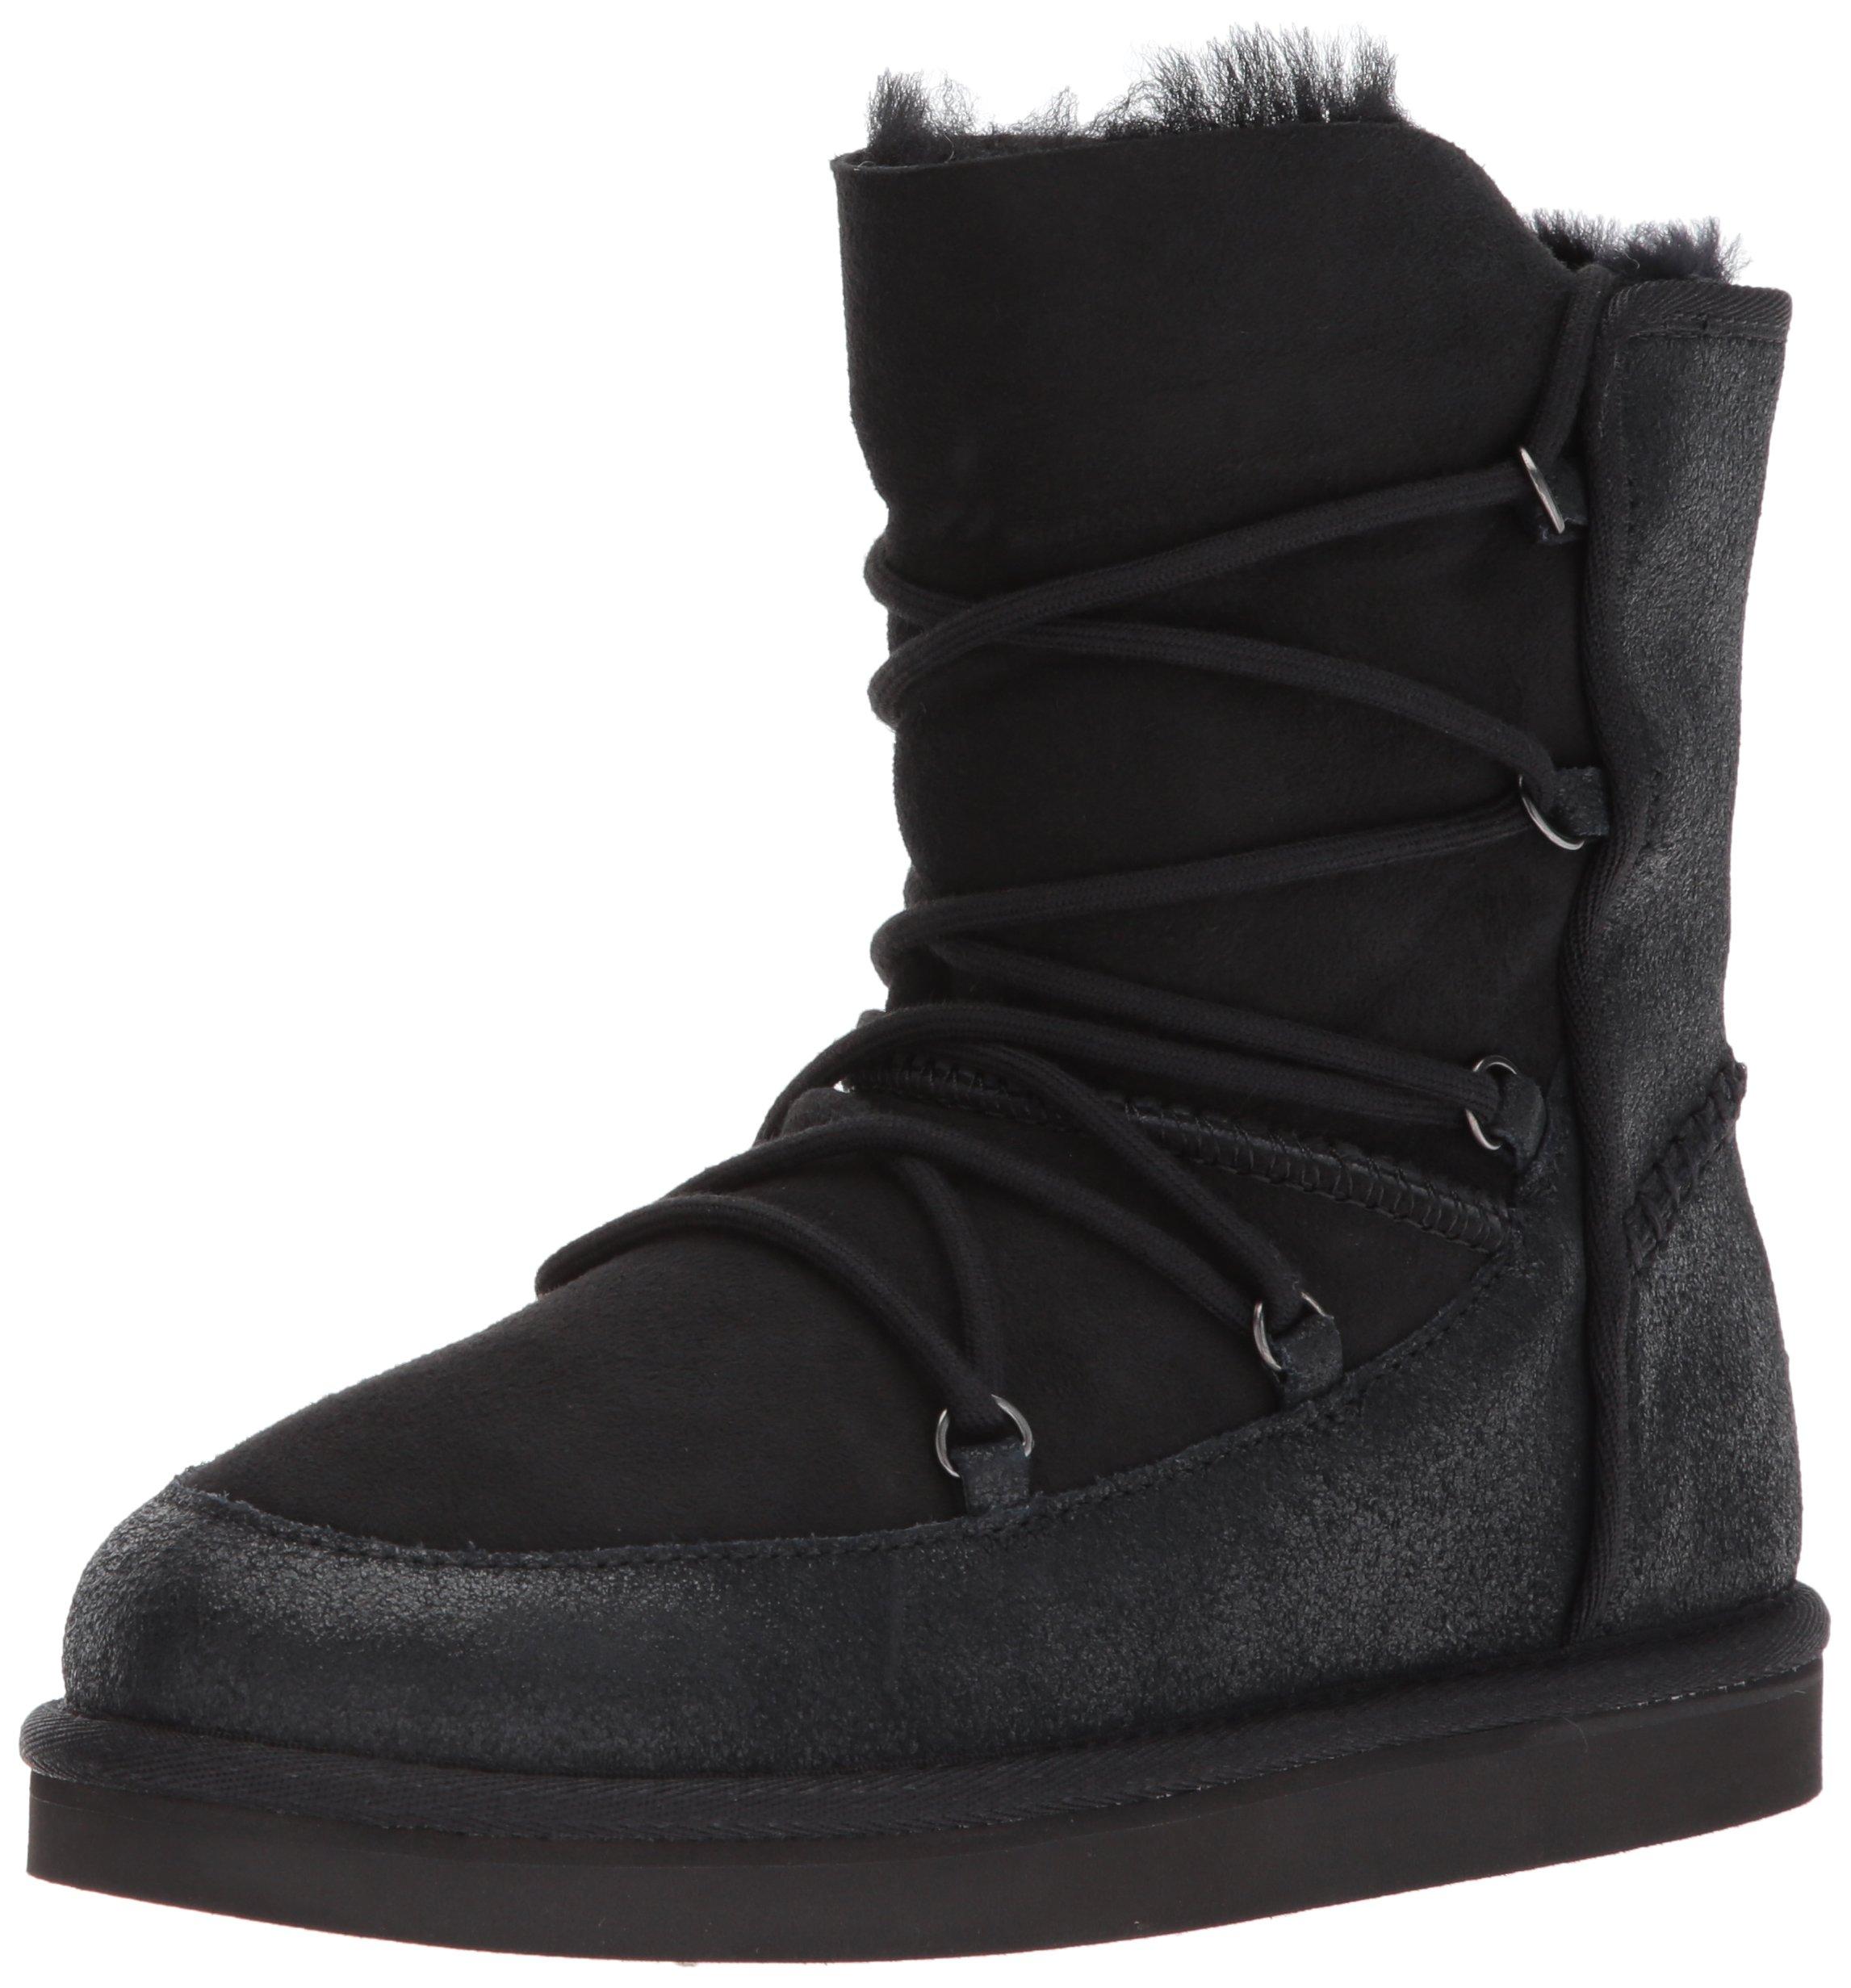 UGG Kids K Eliss Pull-on Boot, Black, 6 M US Big Kid